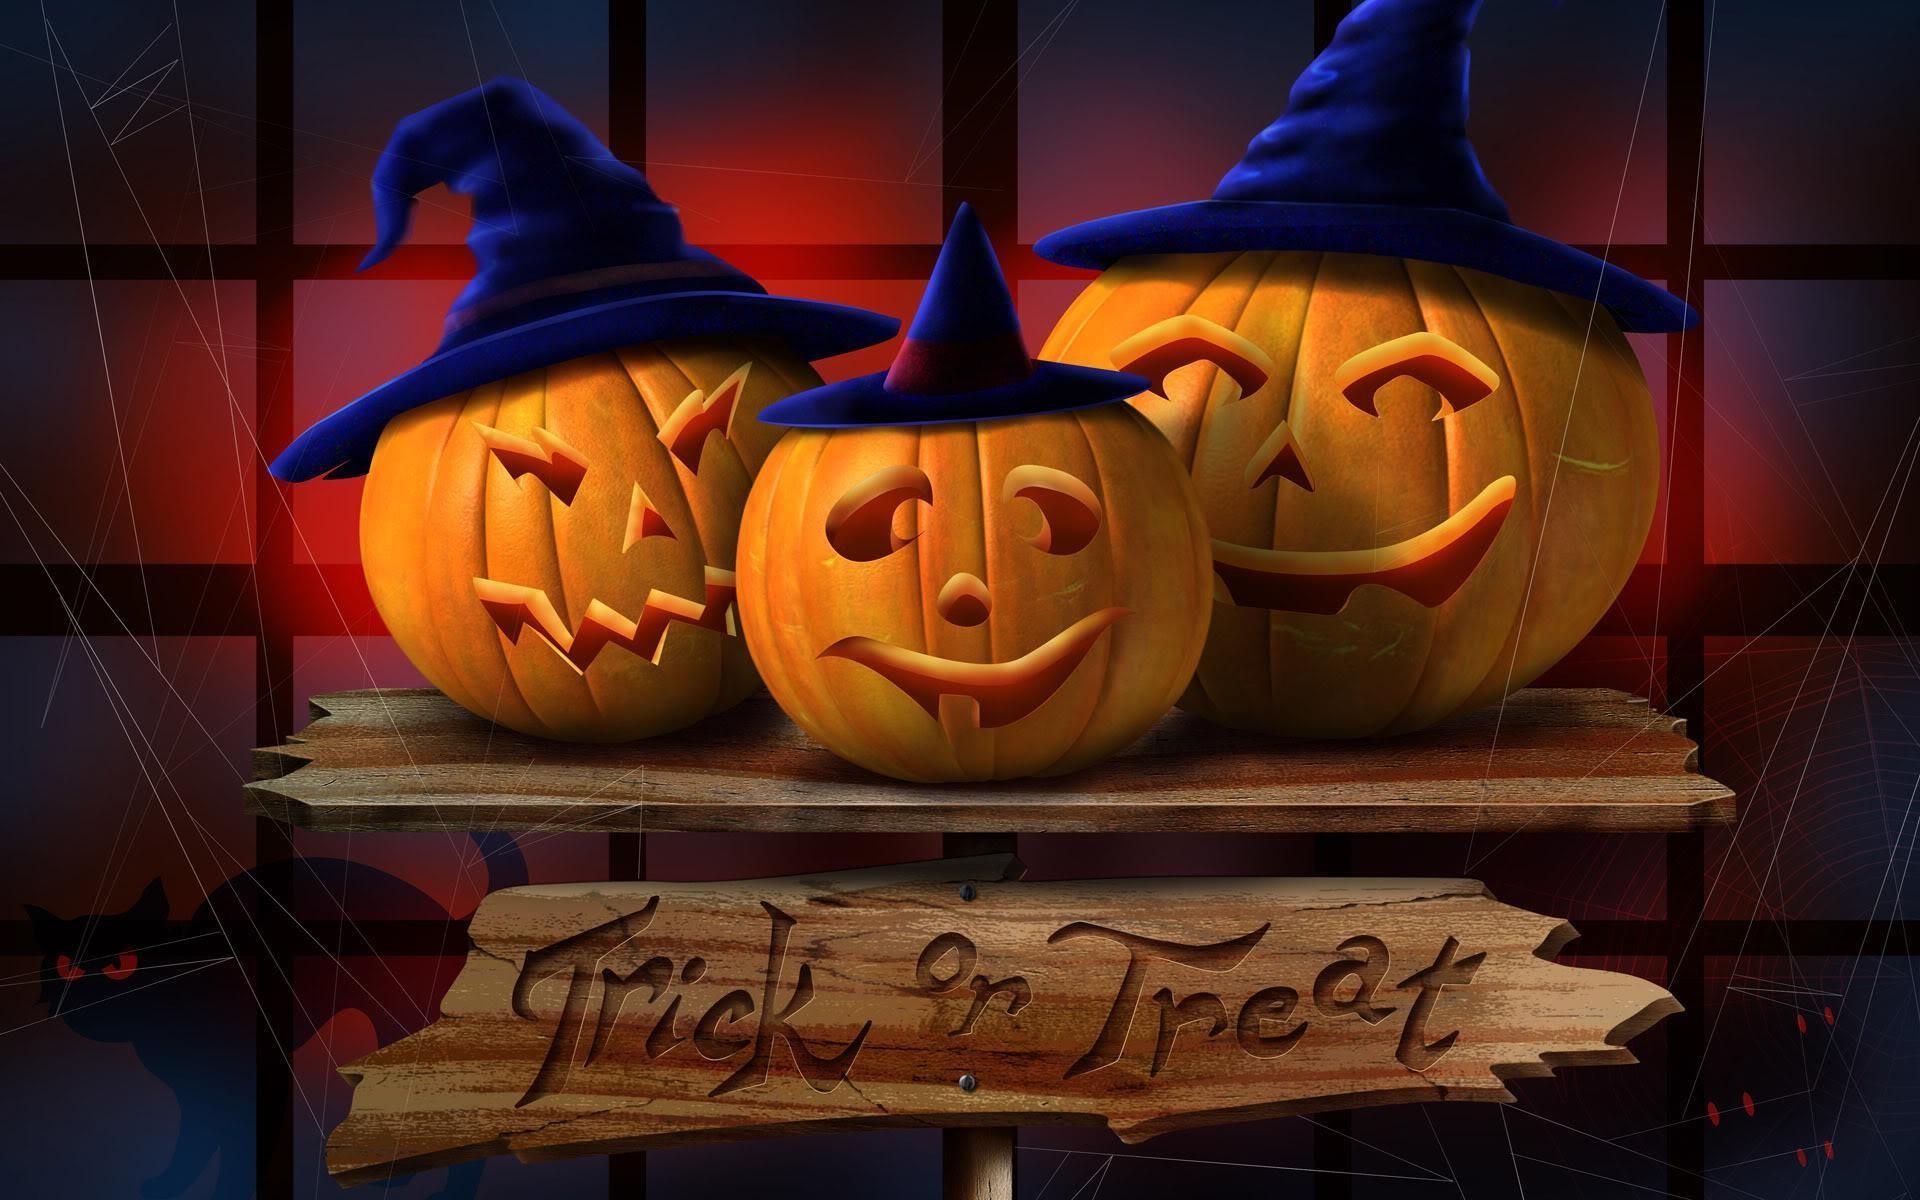 Halloween Desktop Wallpaper 19438 – uMad.com. Halloween Desktop  Wallpaper 19438 UMad Com